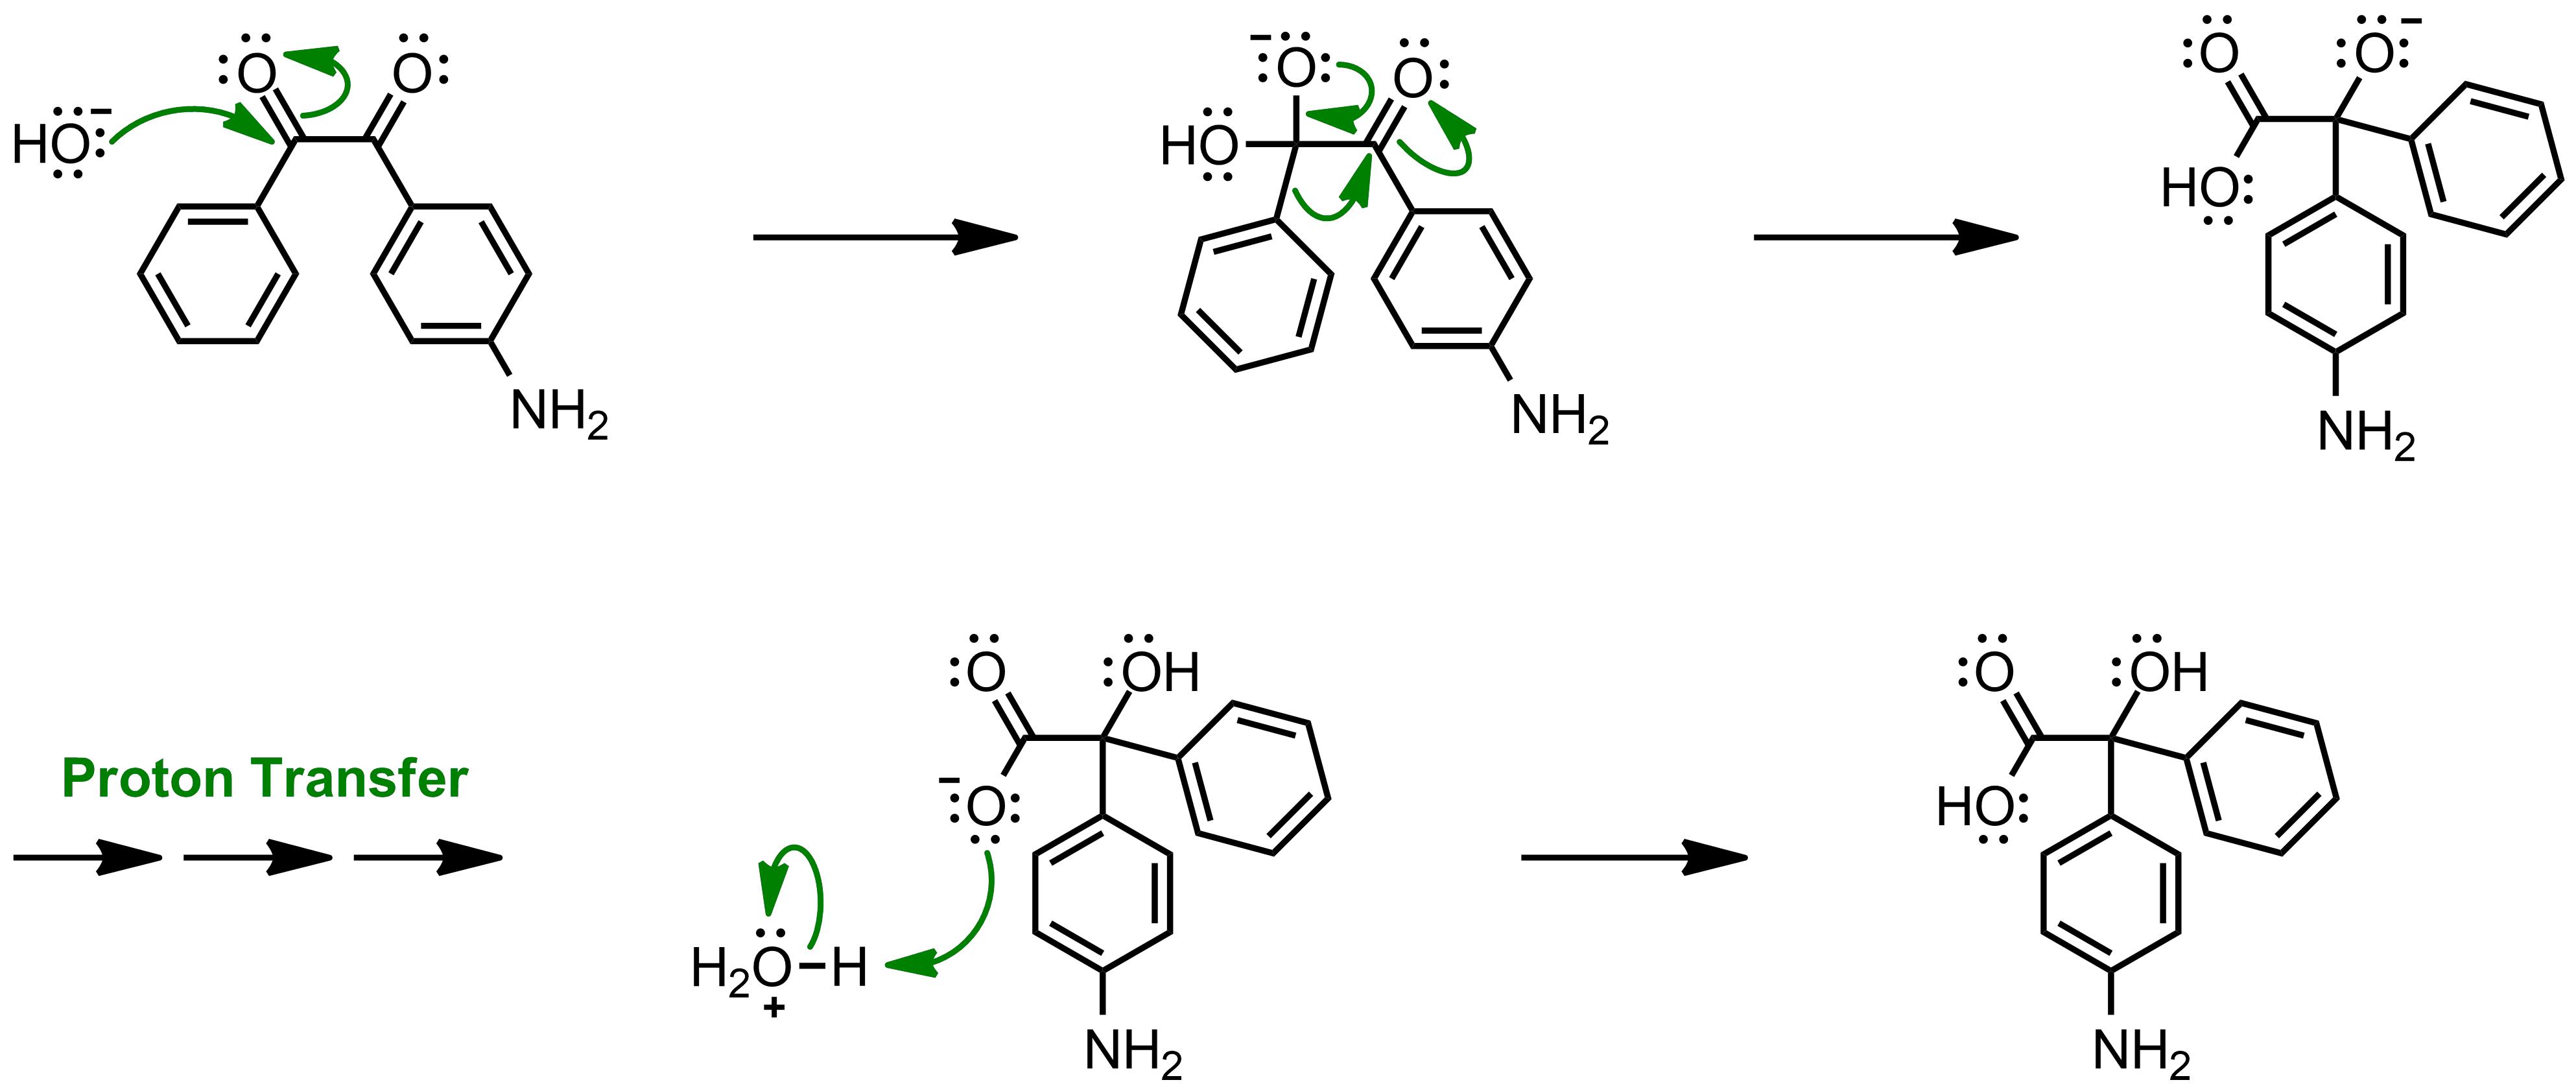 Mechanism of the Benzilic Acid Rearrangement